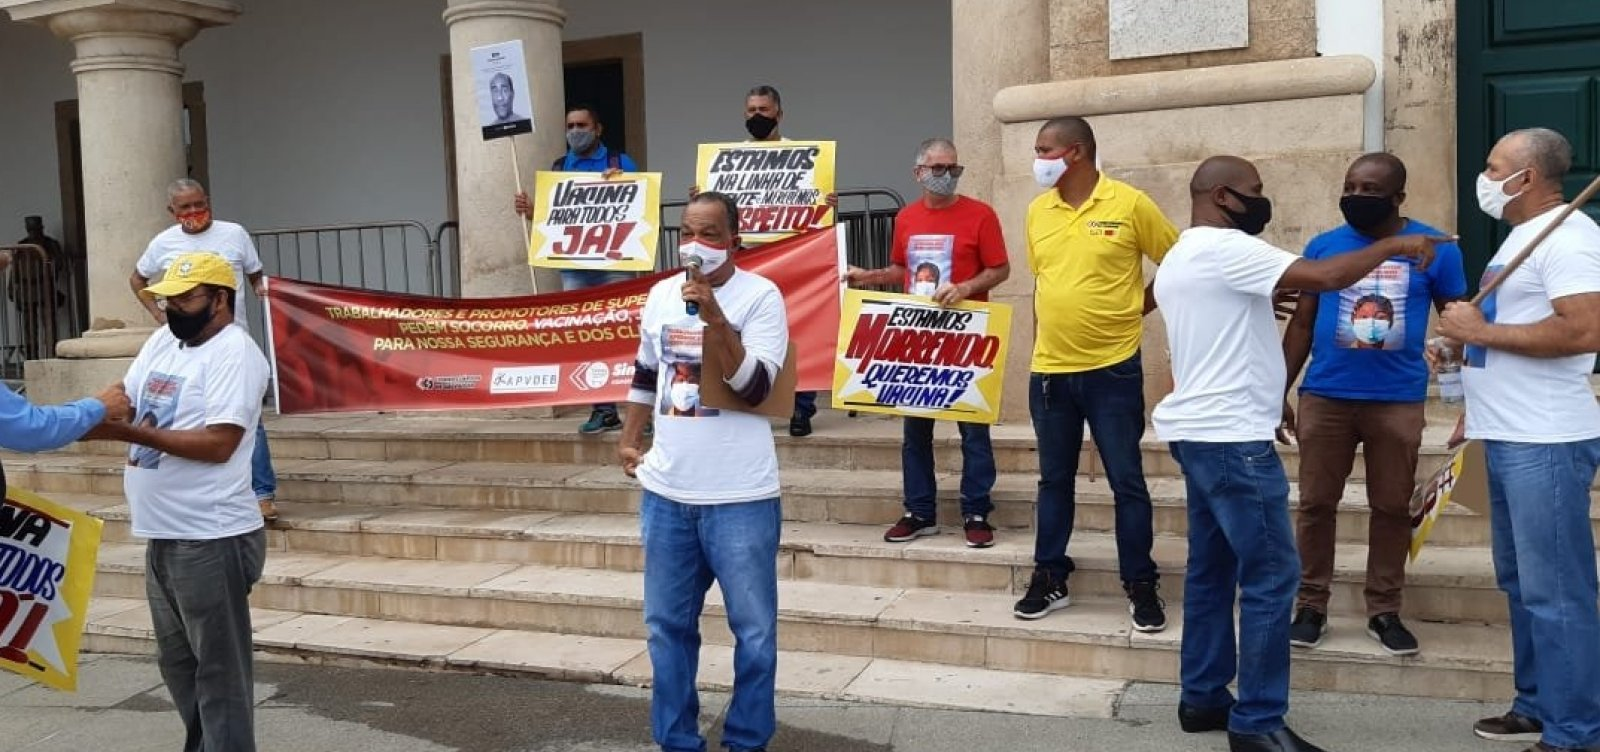 Por vacina, trabalhadores dos supermercados vão recorrer ao MP após serem ignorados pela Prefeitura